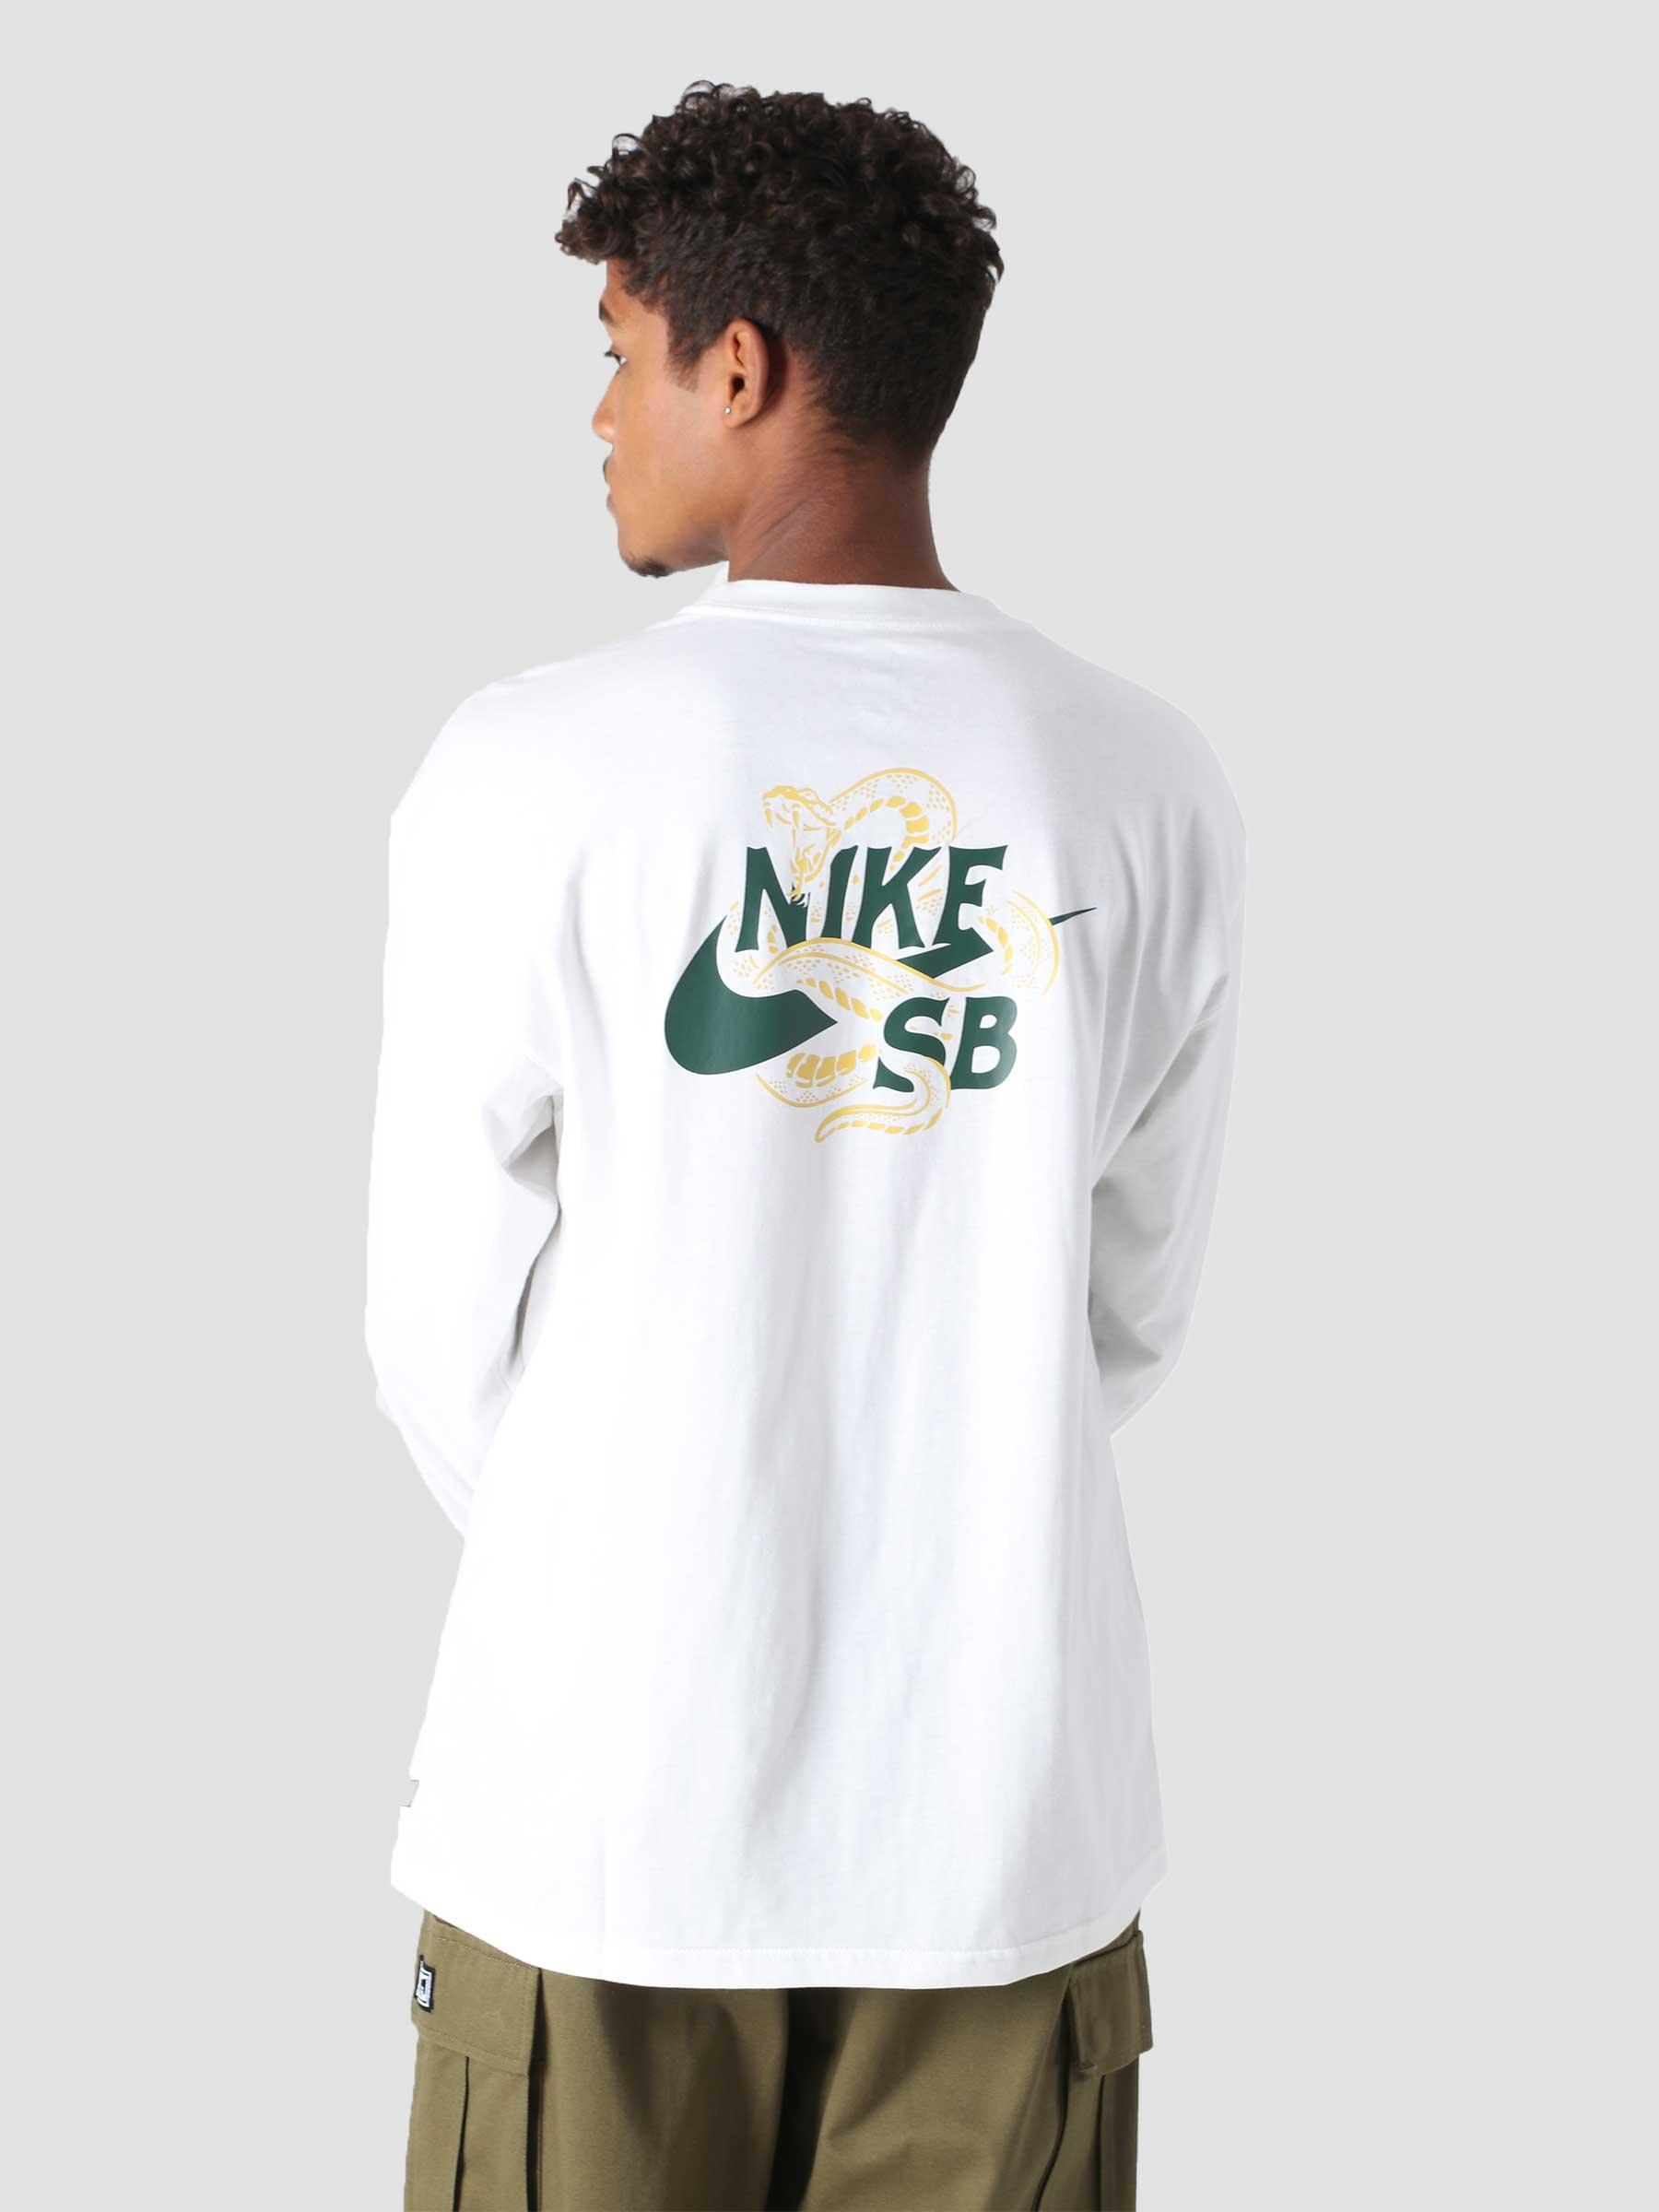 M Nk SB T-Shirt Snaked White DM2257-100